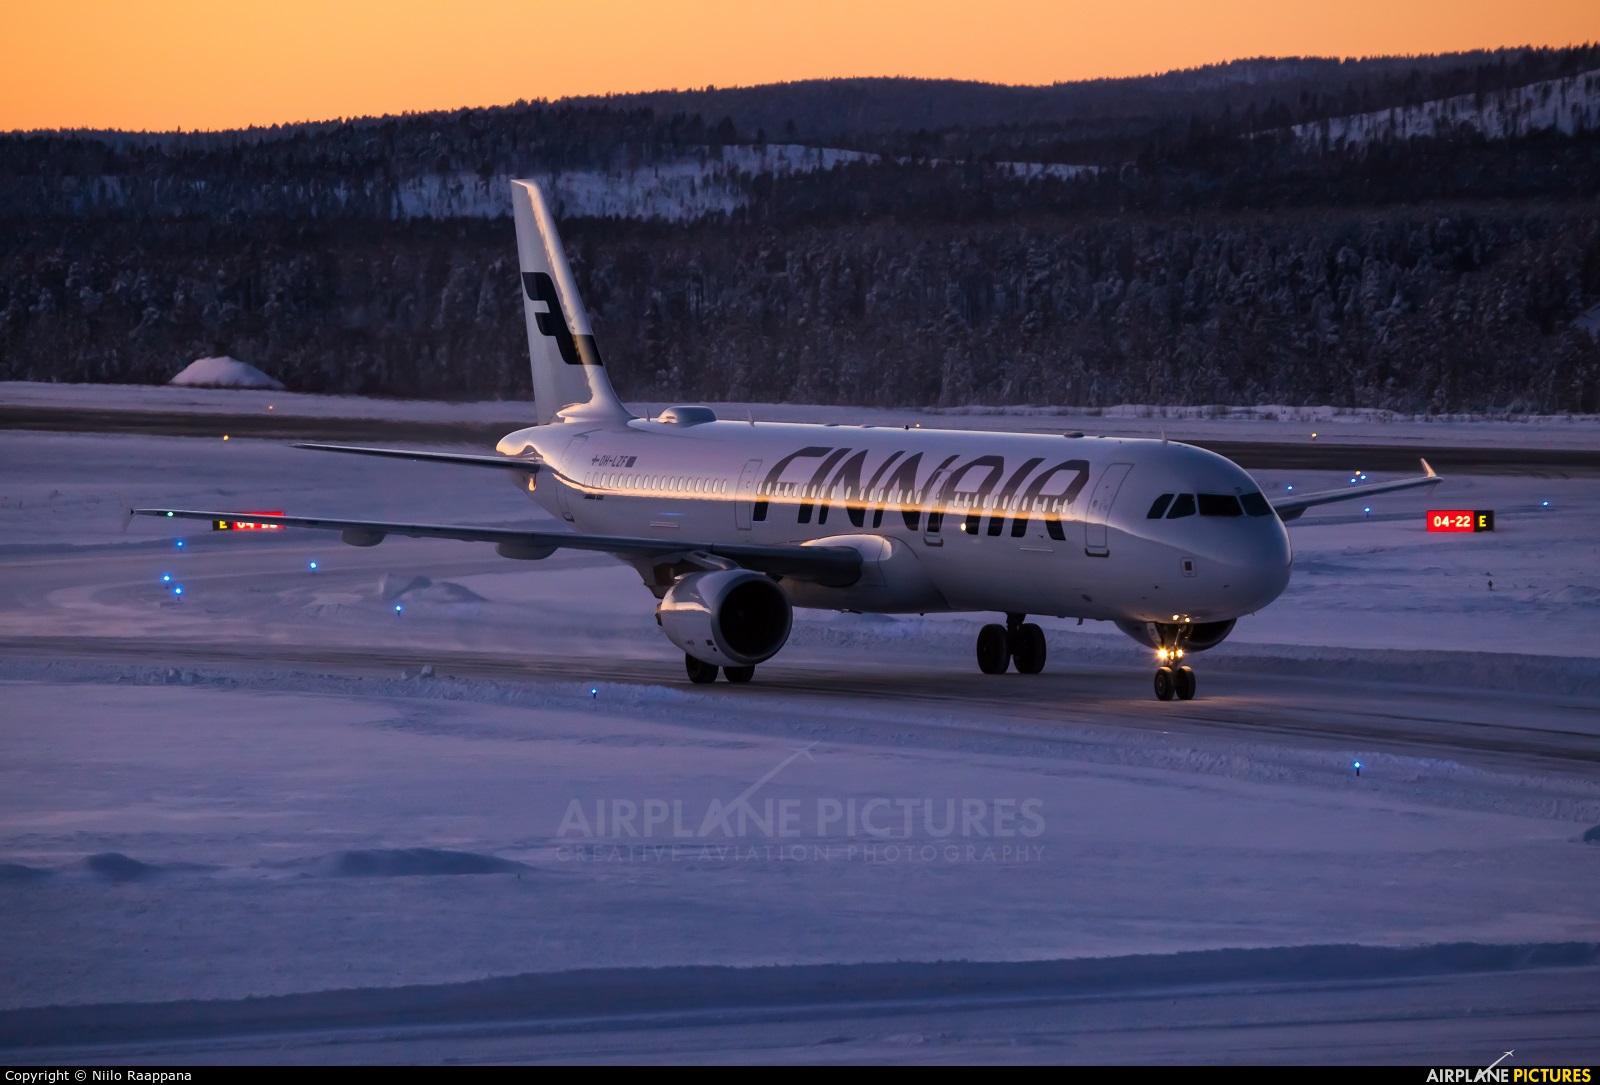 Finnair OH-LZF aircraft at Ivalo Airport